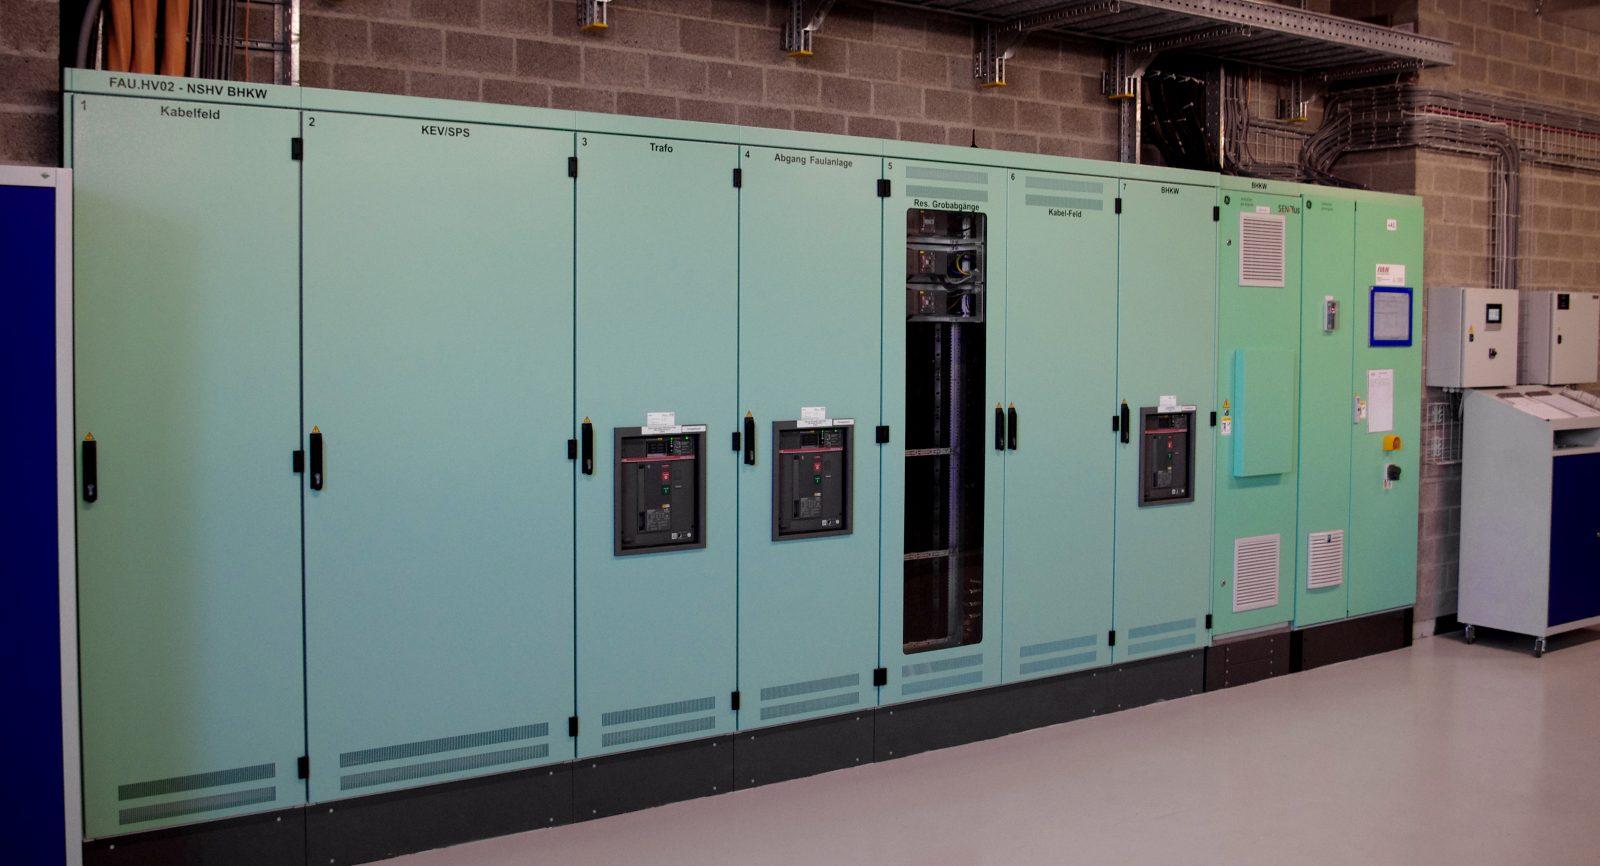 Aufgrund der neuen gesetzlichen Regelungen und der höheren elektrischen Leistung der Energiezentrale mussten die elektrischen Steuerungen und Transfor-matoren angepasst werden.